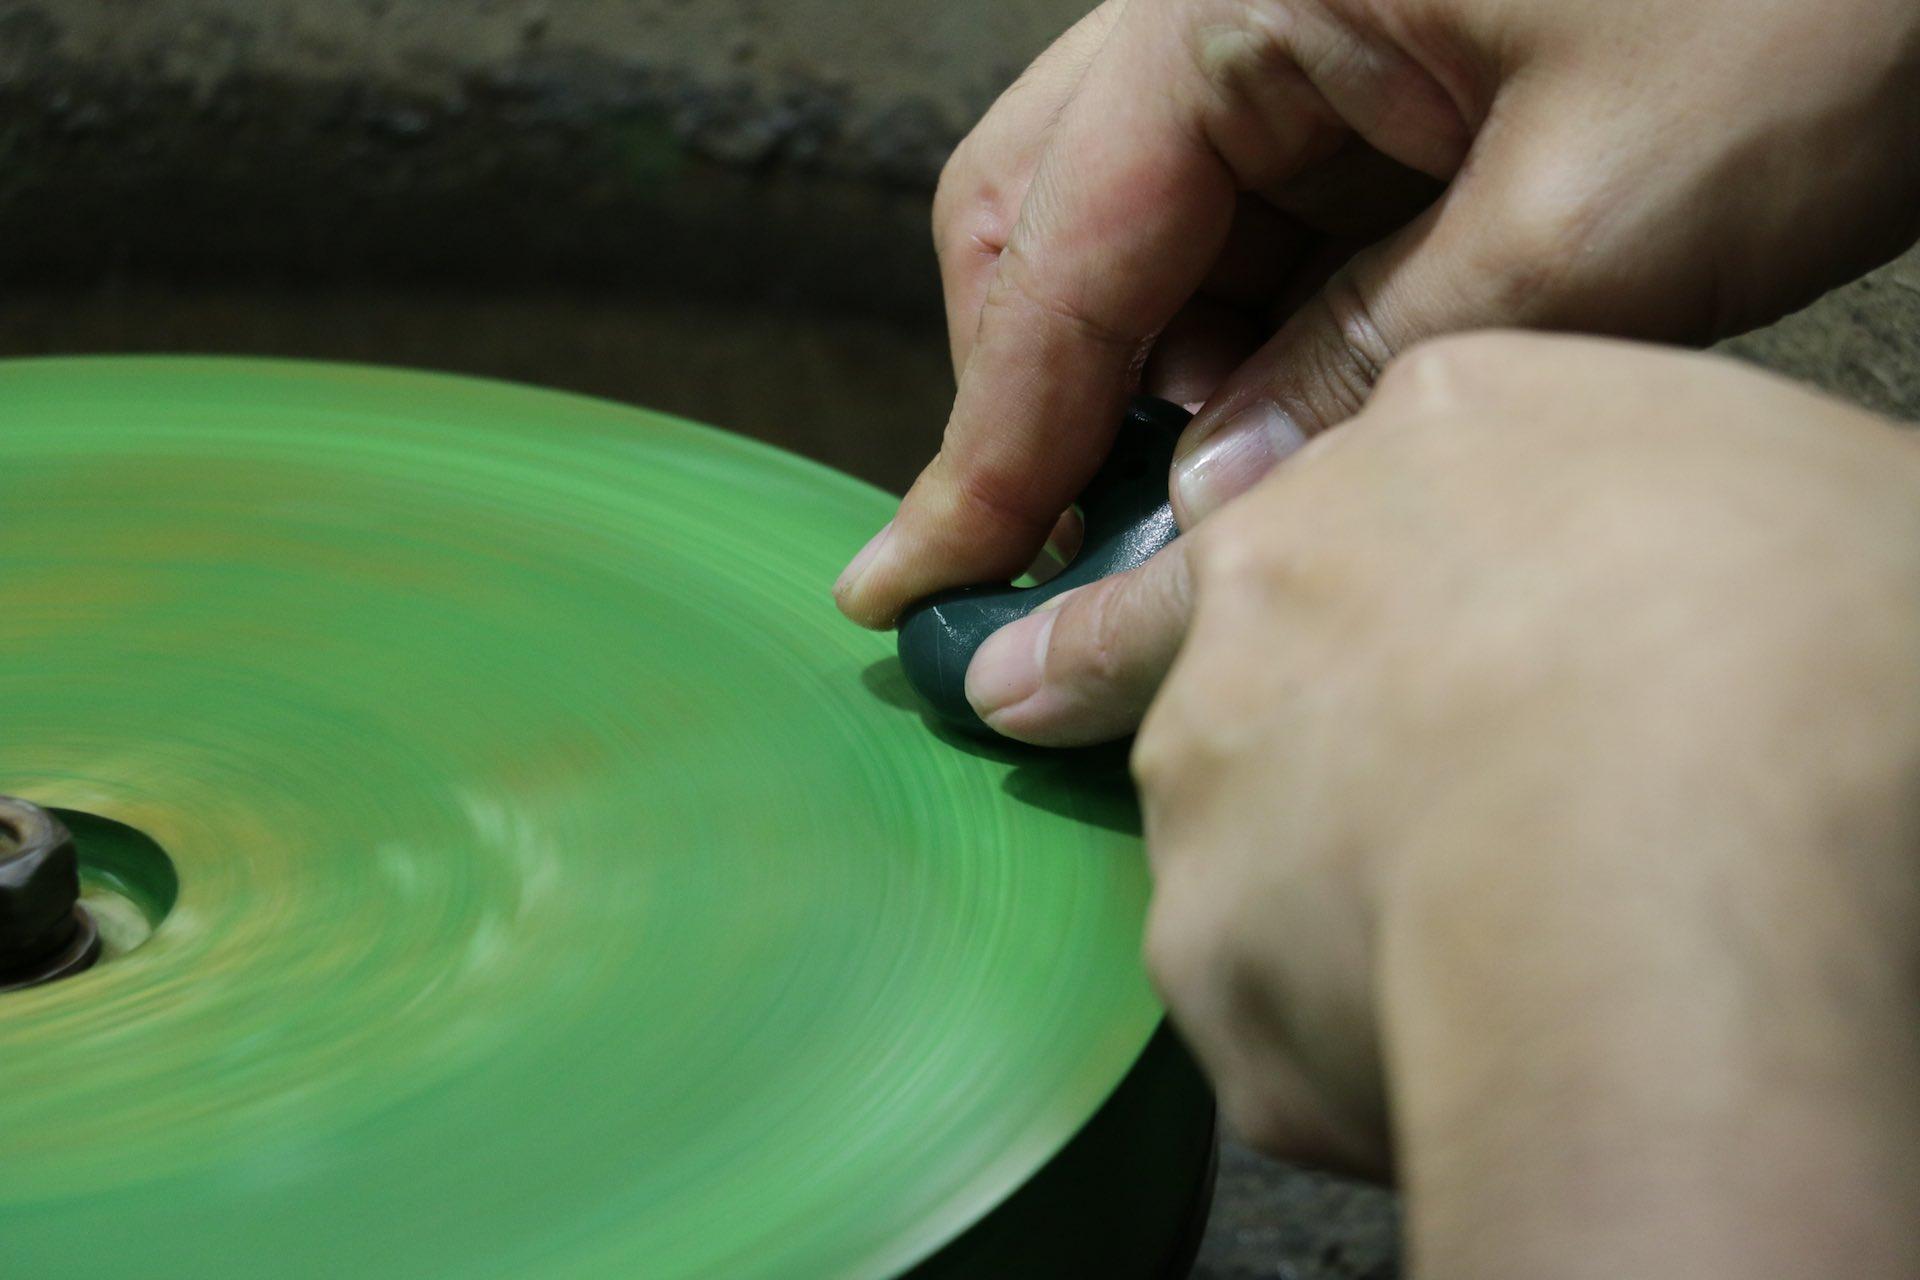 研磨の板をより粒度の細かいものに変えて磨きをかけます